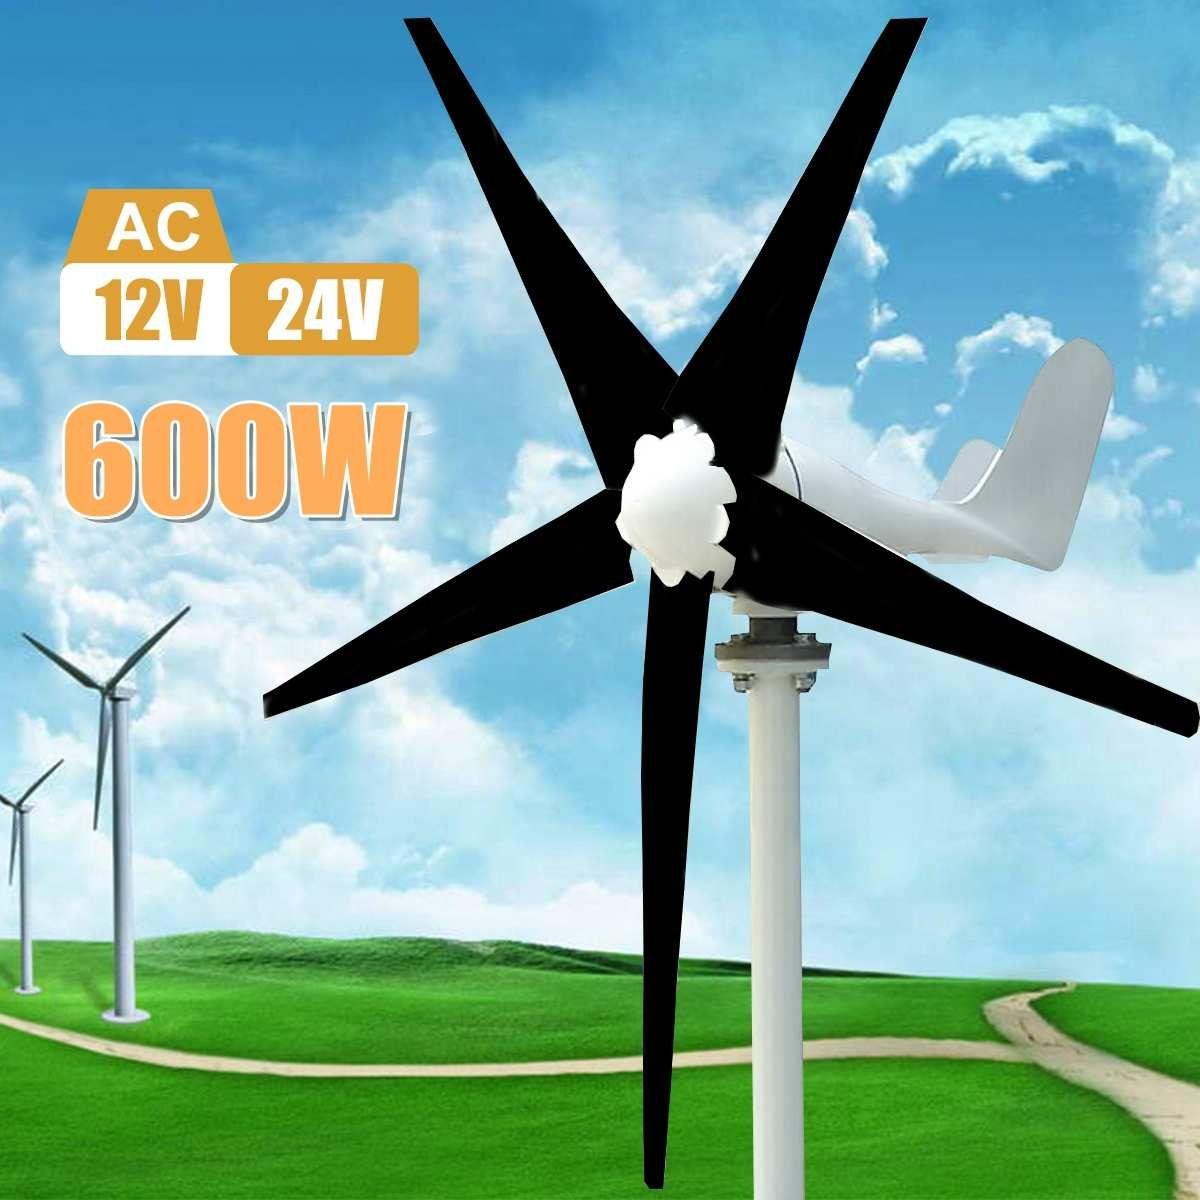 Max 600 W Wind Turbine Generator AC 12 V/24 V 5 Klinge Power Versorgung Generator für Home Hybrid straßenbeleuchtung verwenden Kits